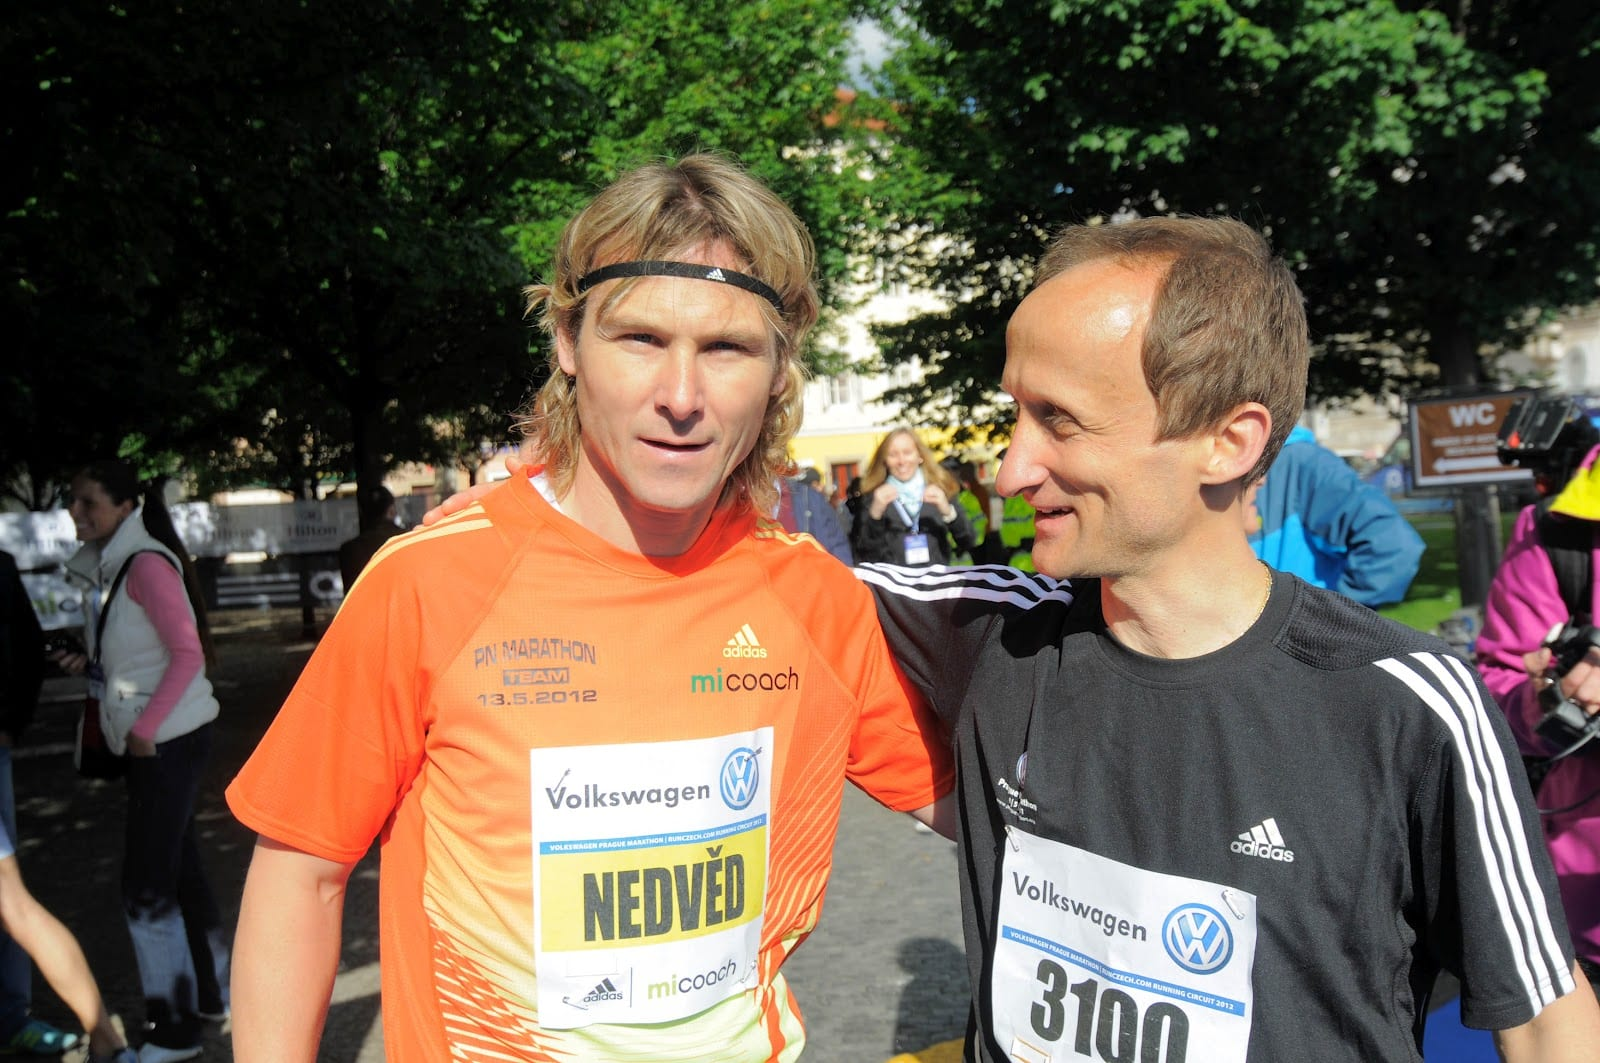 10 Pemain Bola Sepak Yang Menyertai Marathon: Siapa Paling Pantas?